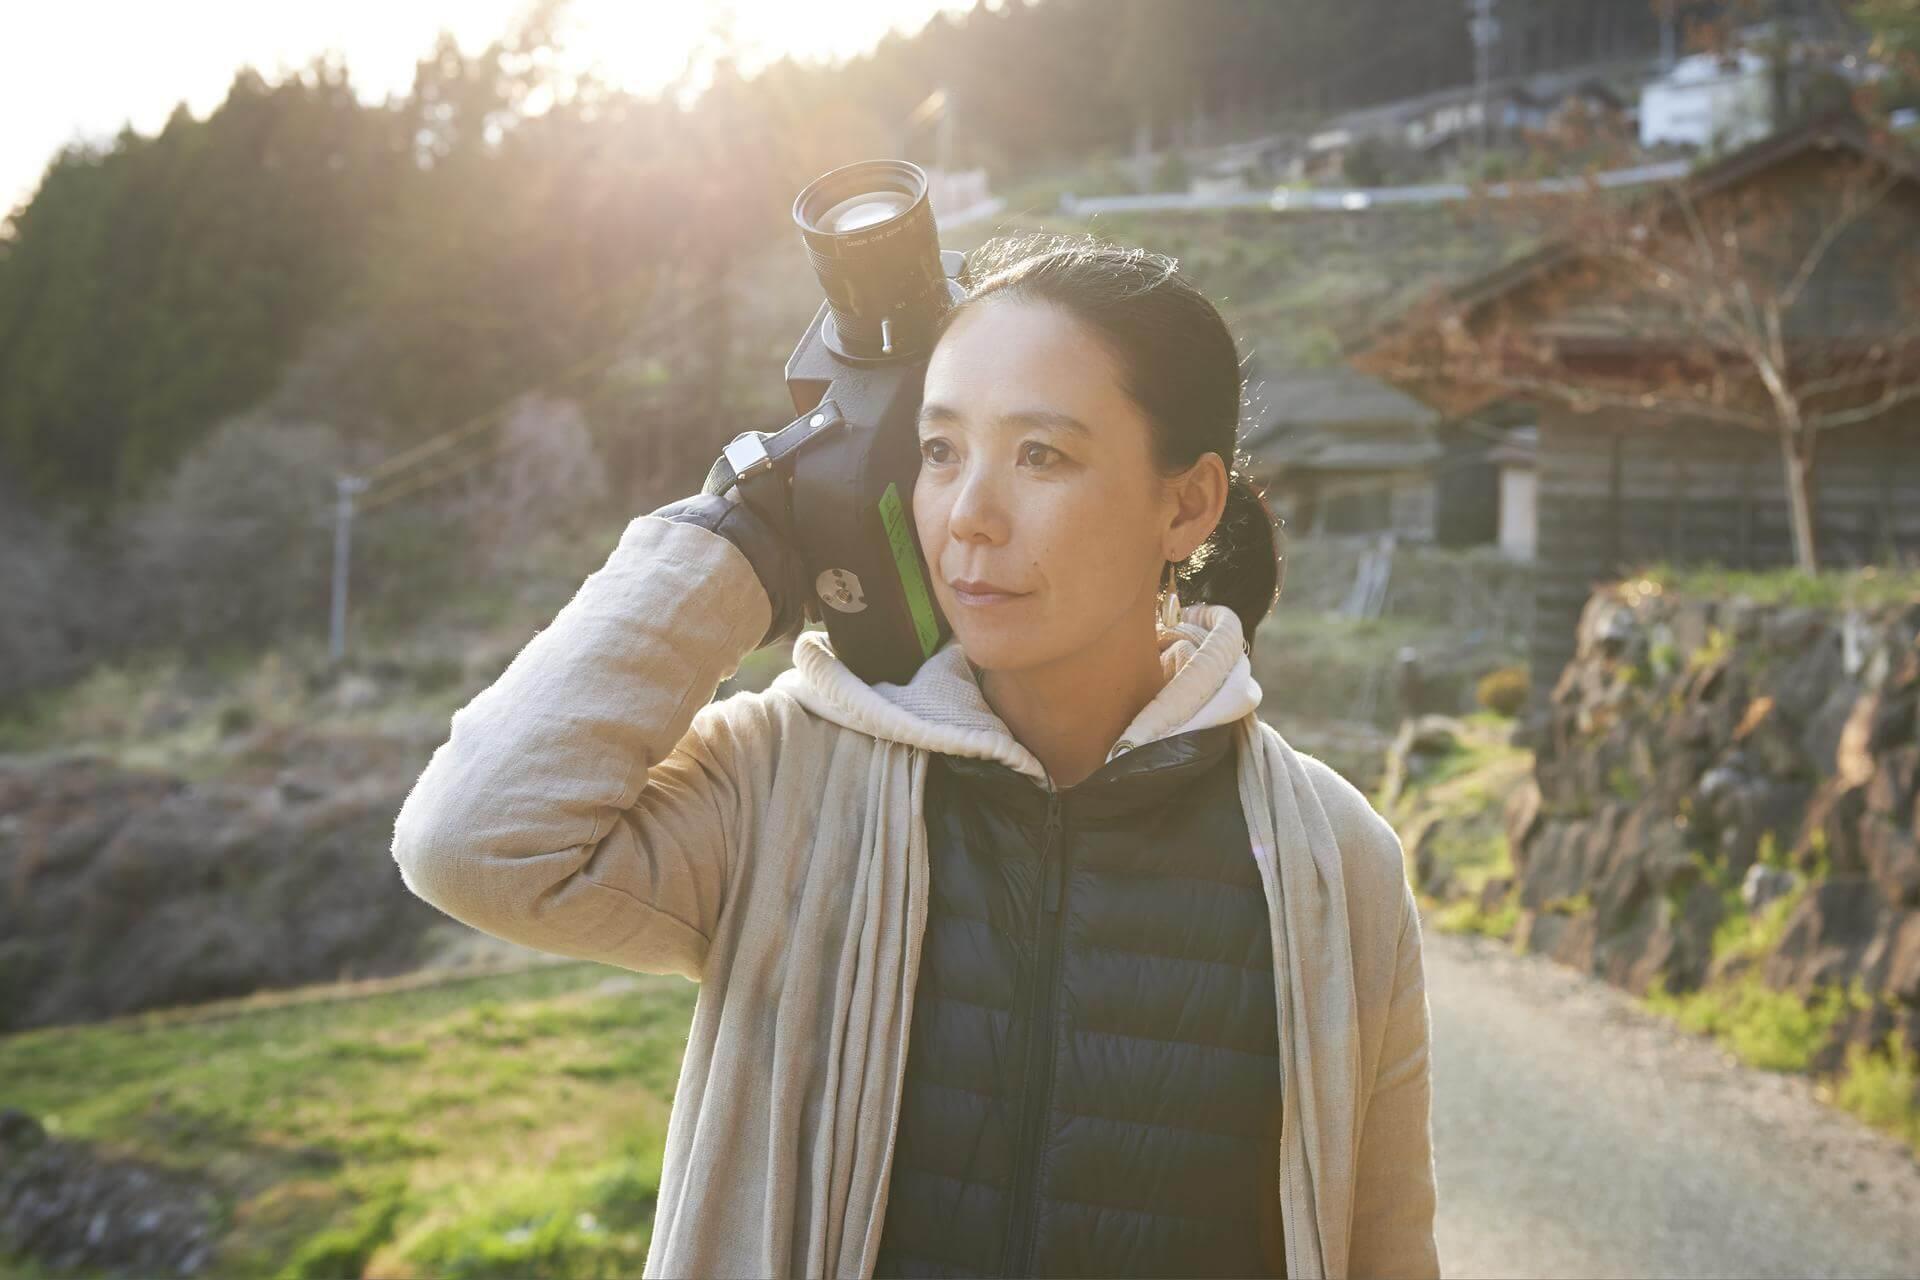 アニエスベーが撮り下ろした写真個展を<KYOTOGRAPHIE 2021>にて国内初公開! art210916_agnes_b_05